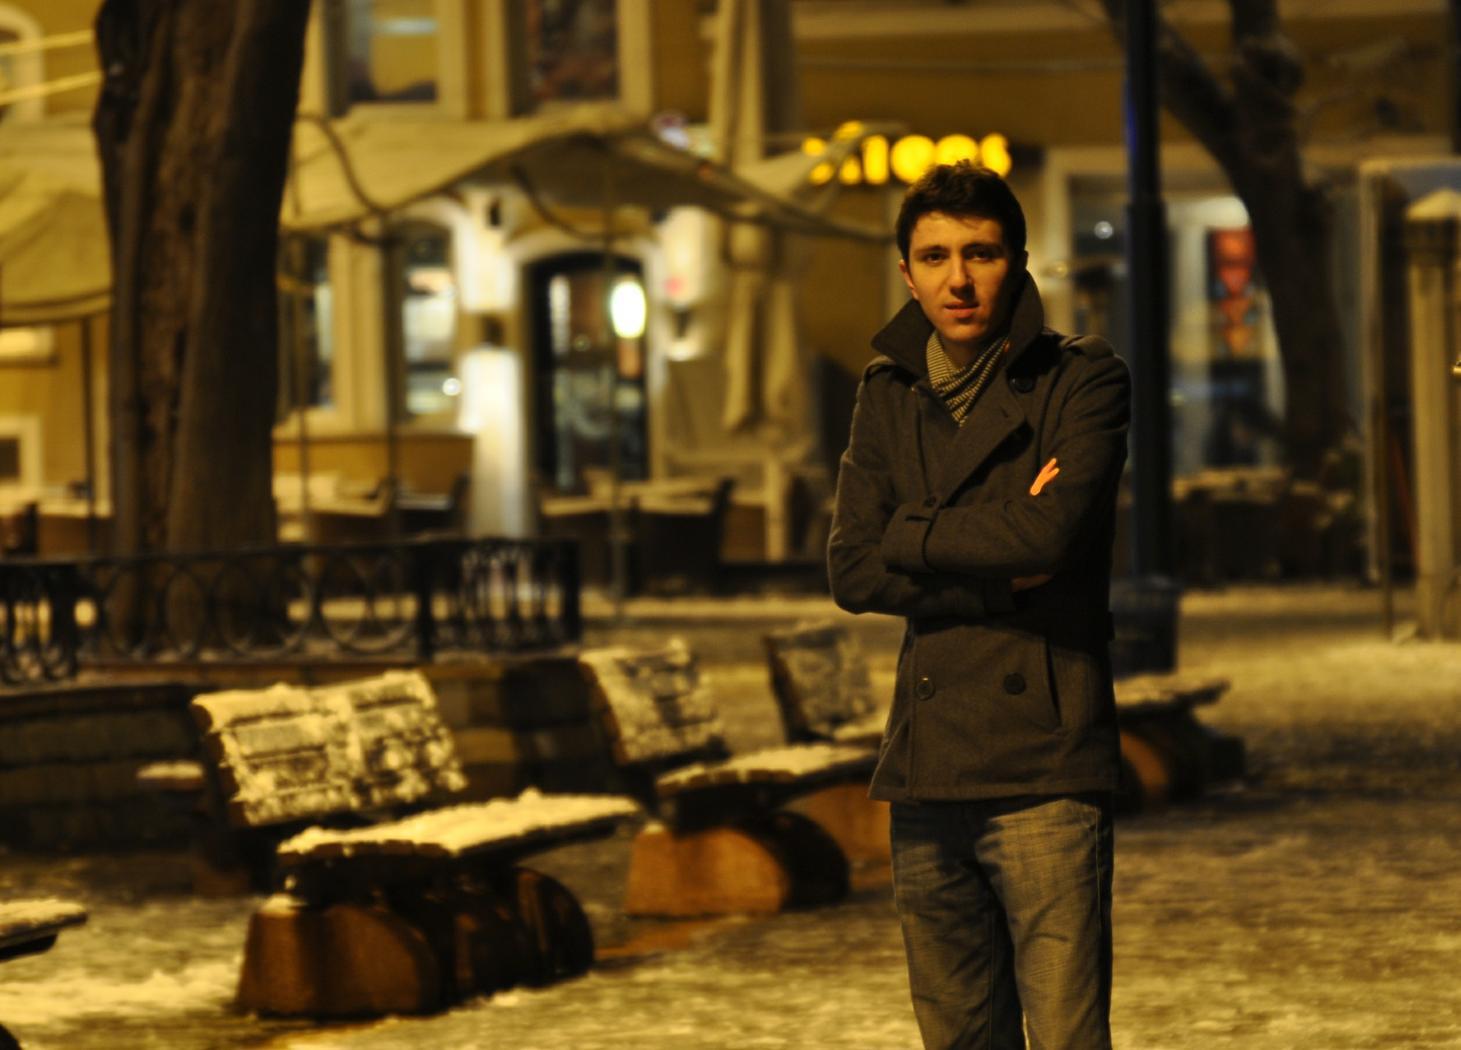 Fatih Yilmaz